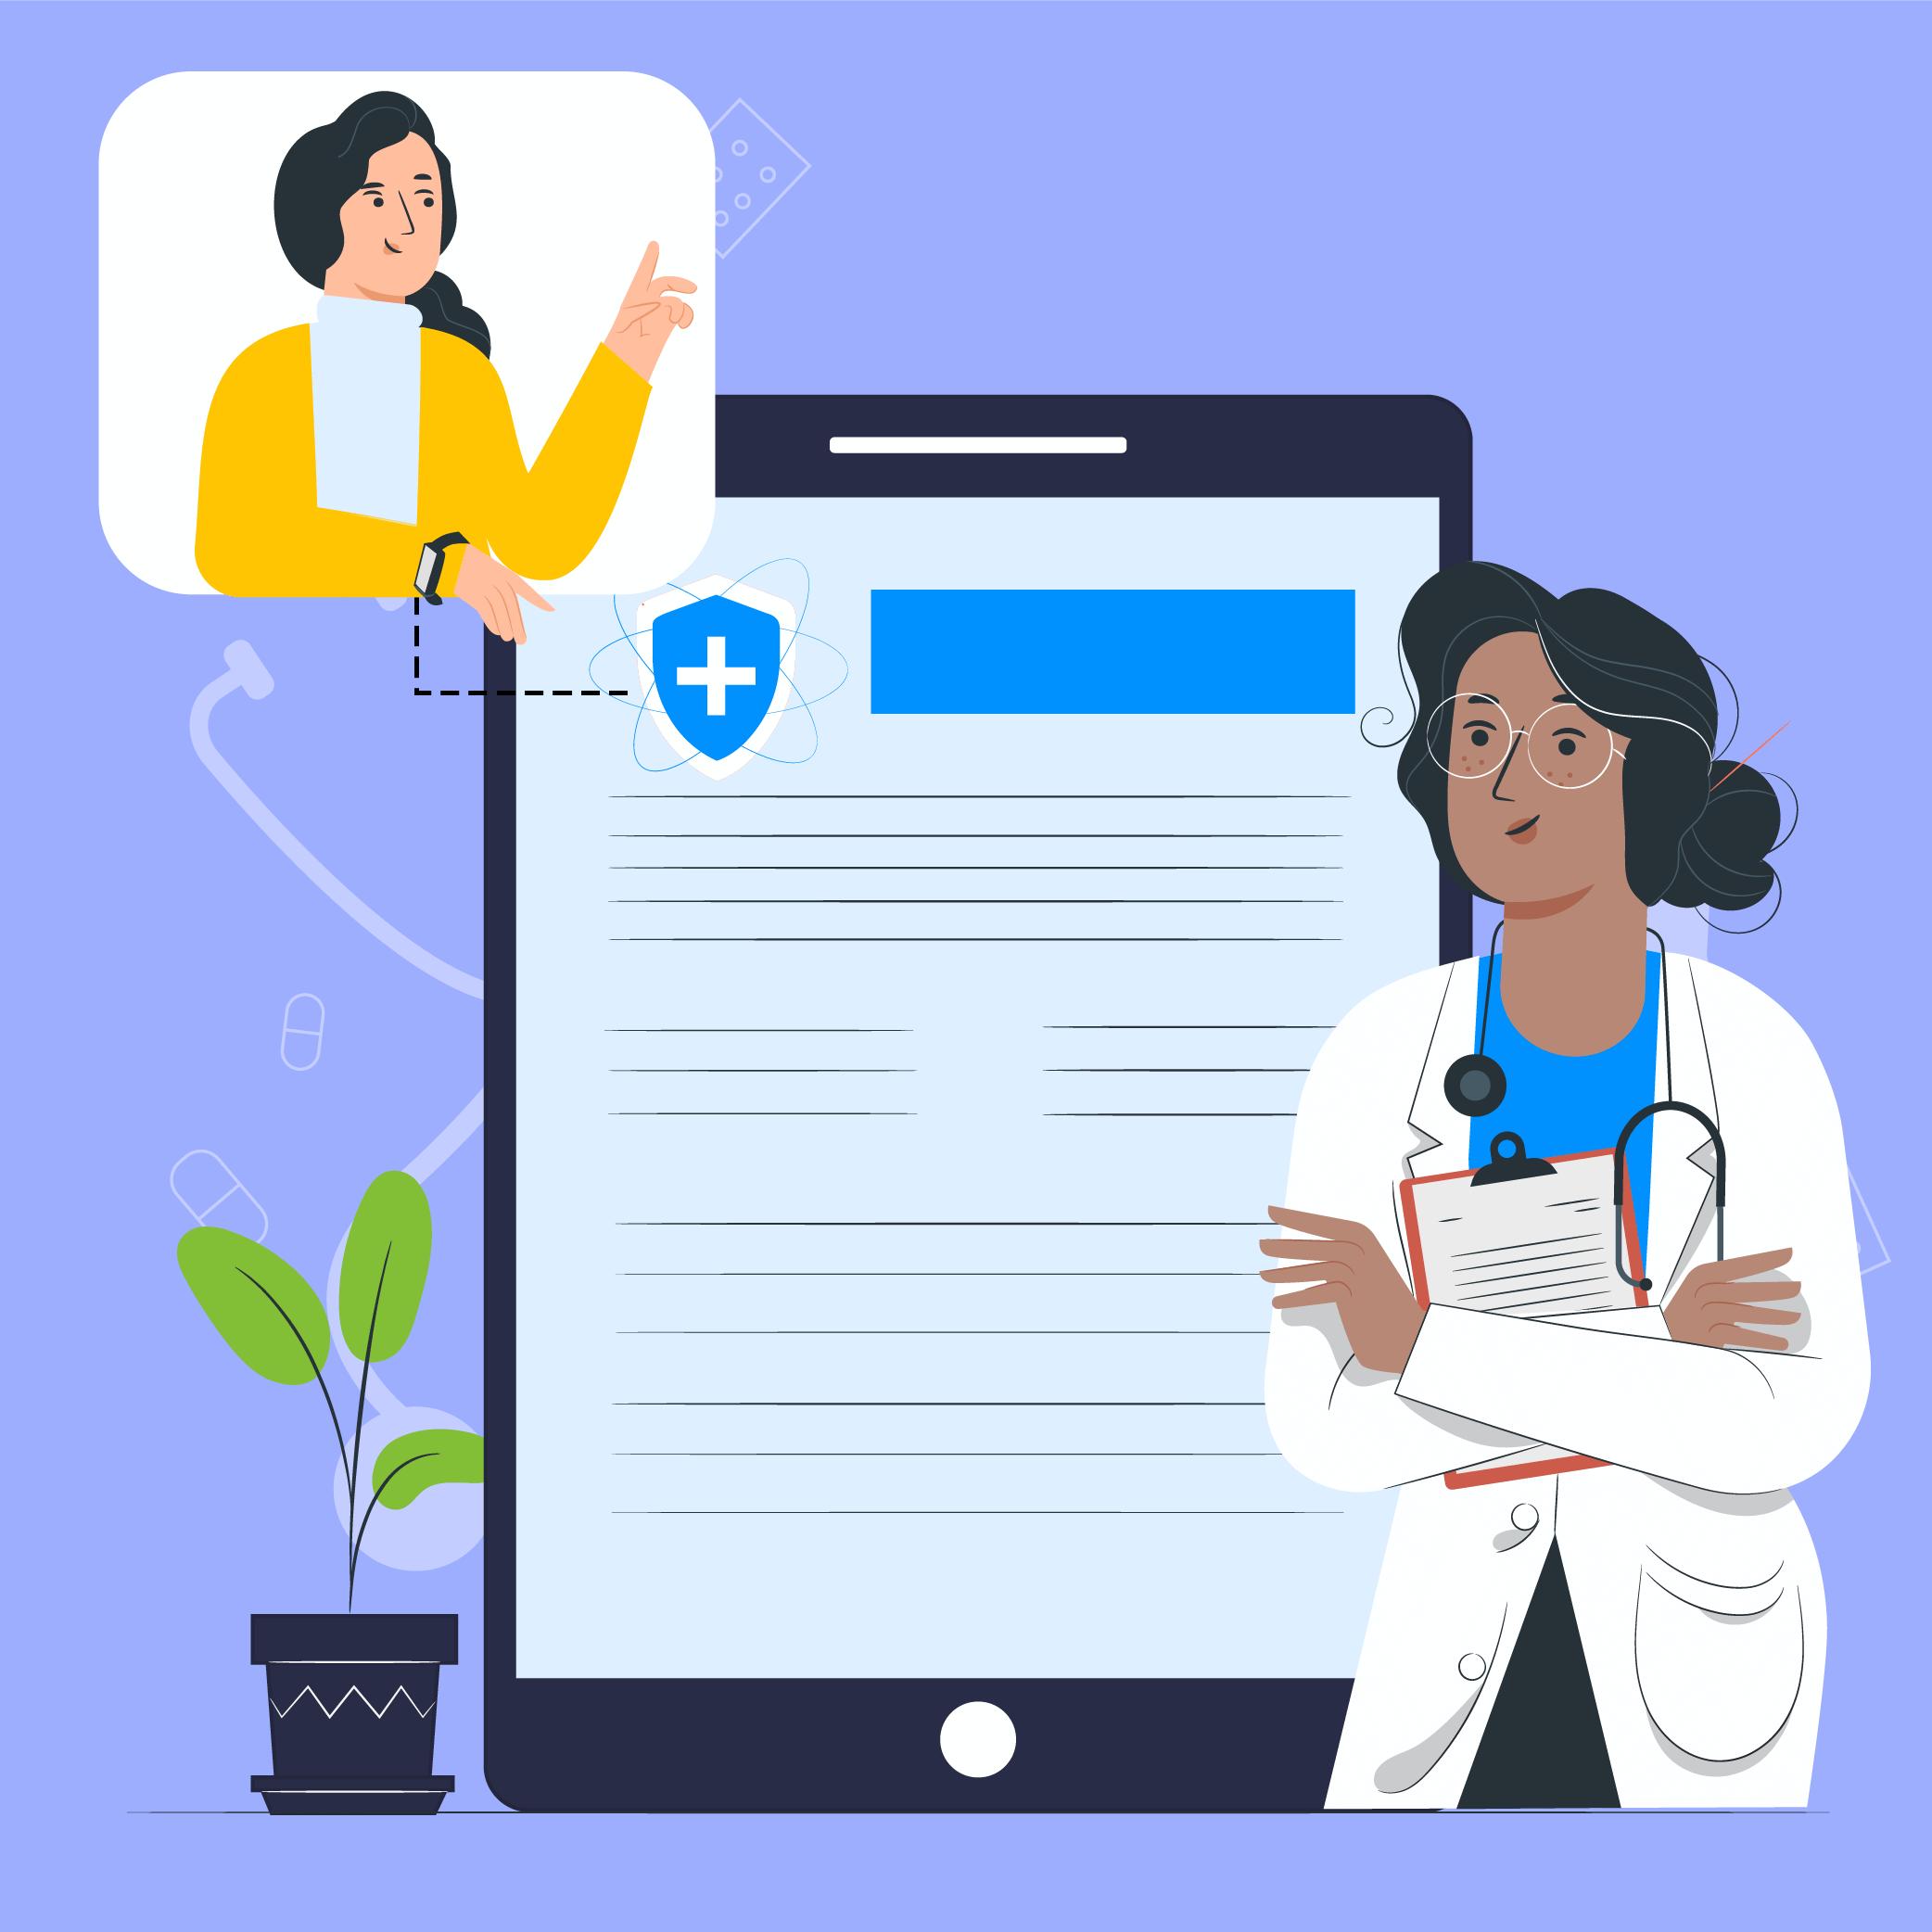 healthcare app development company